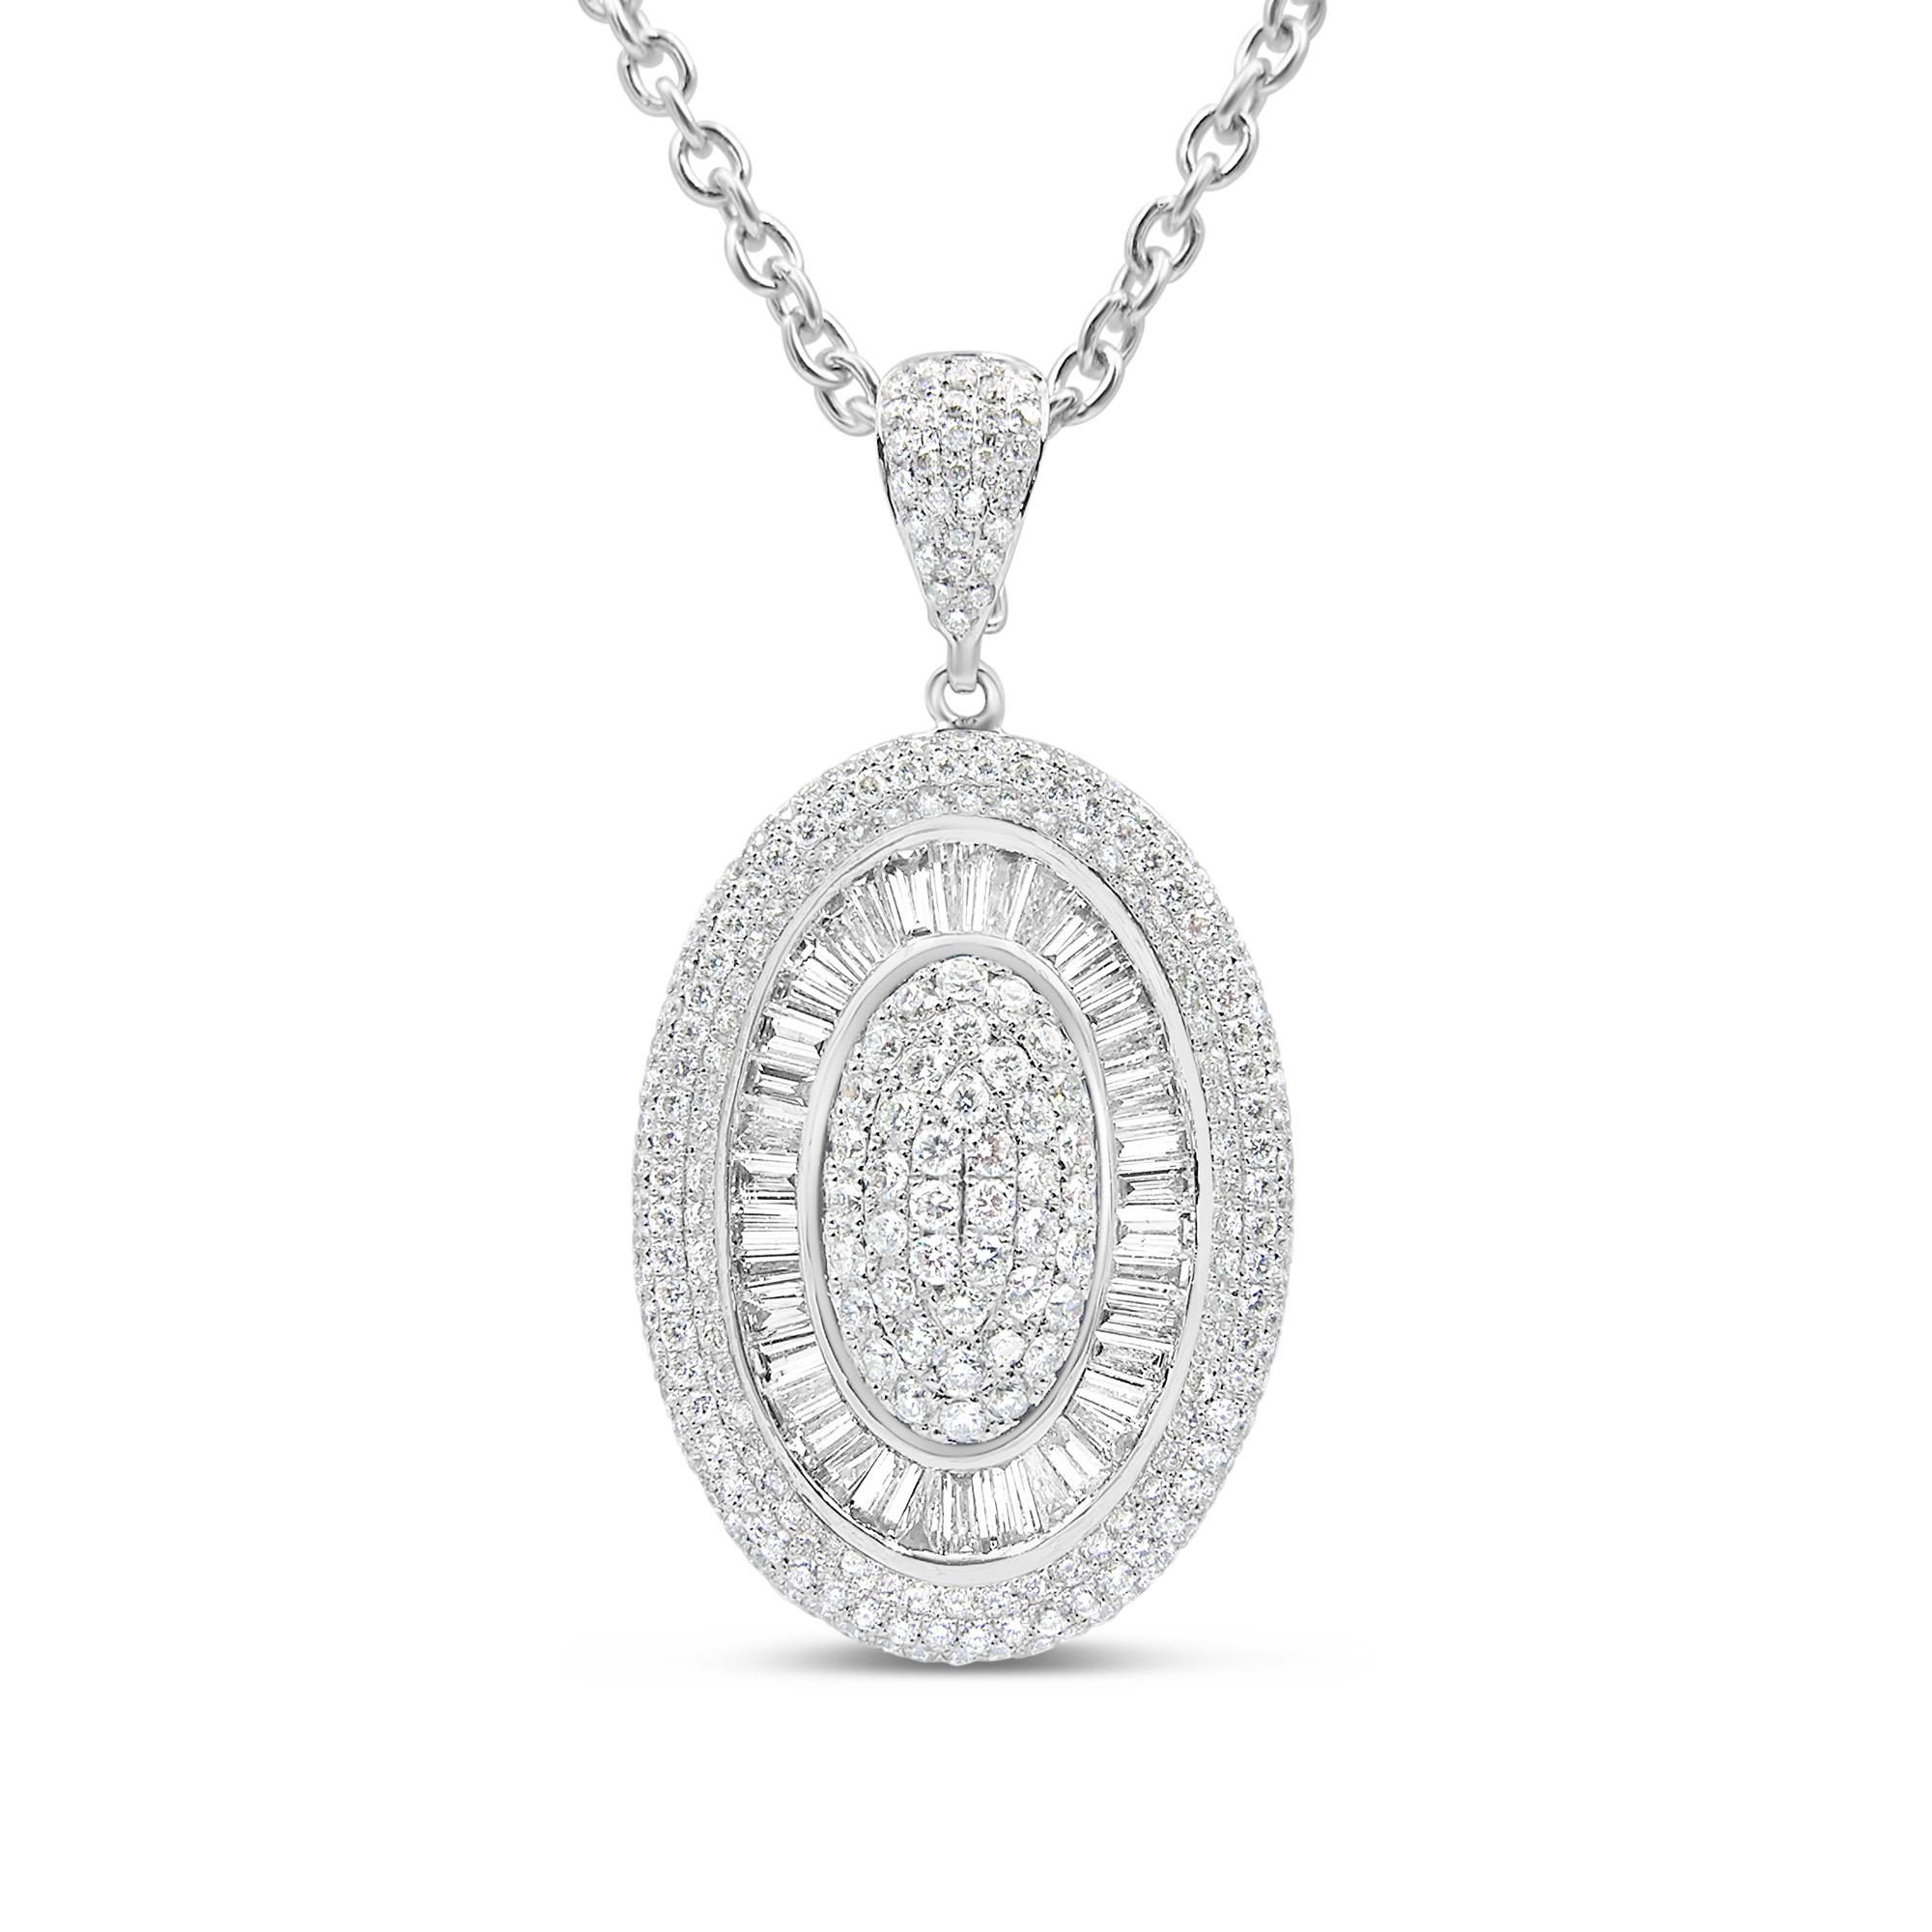 18kt wit goud hanger met 2.70 ct diamanten